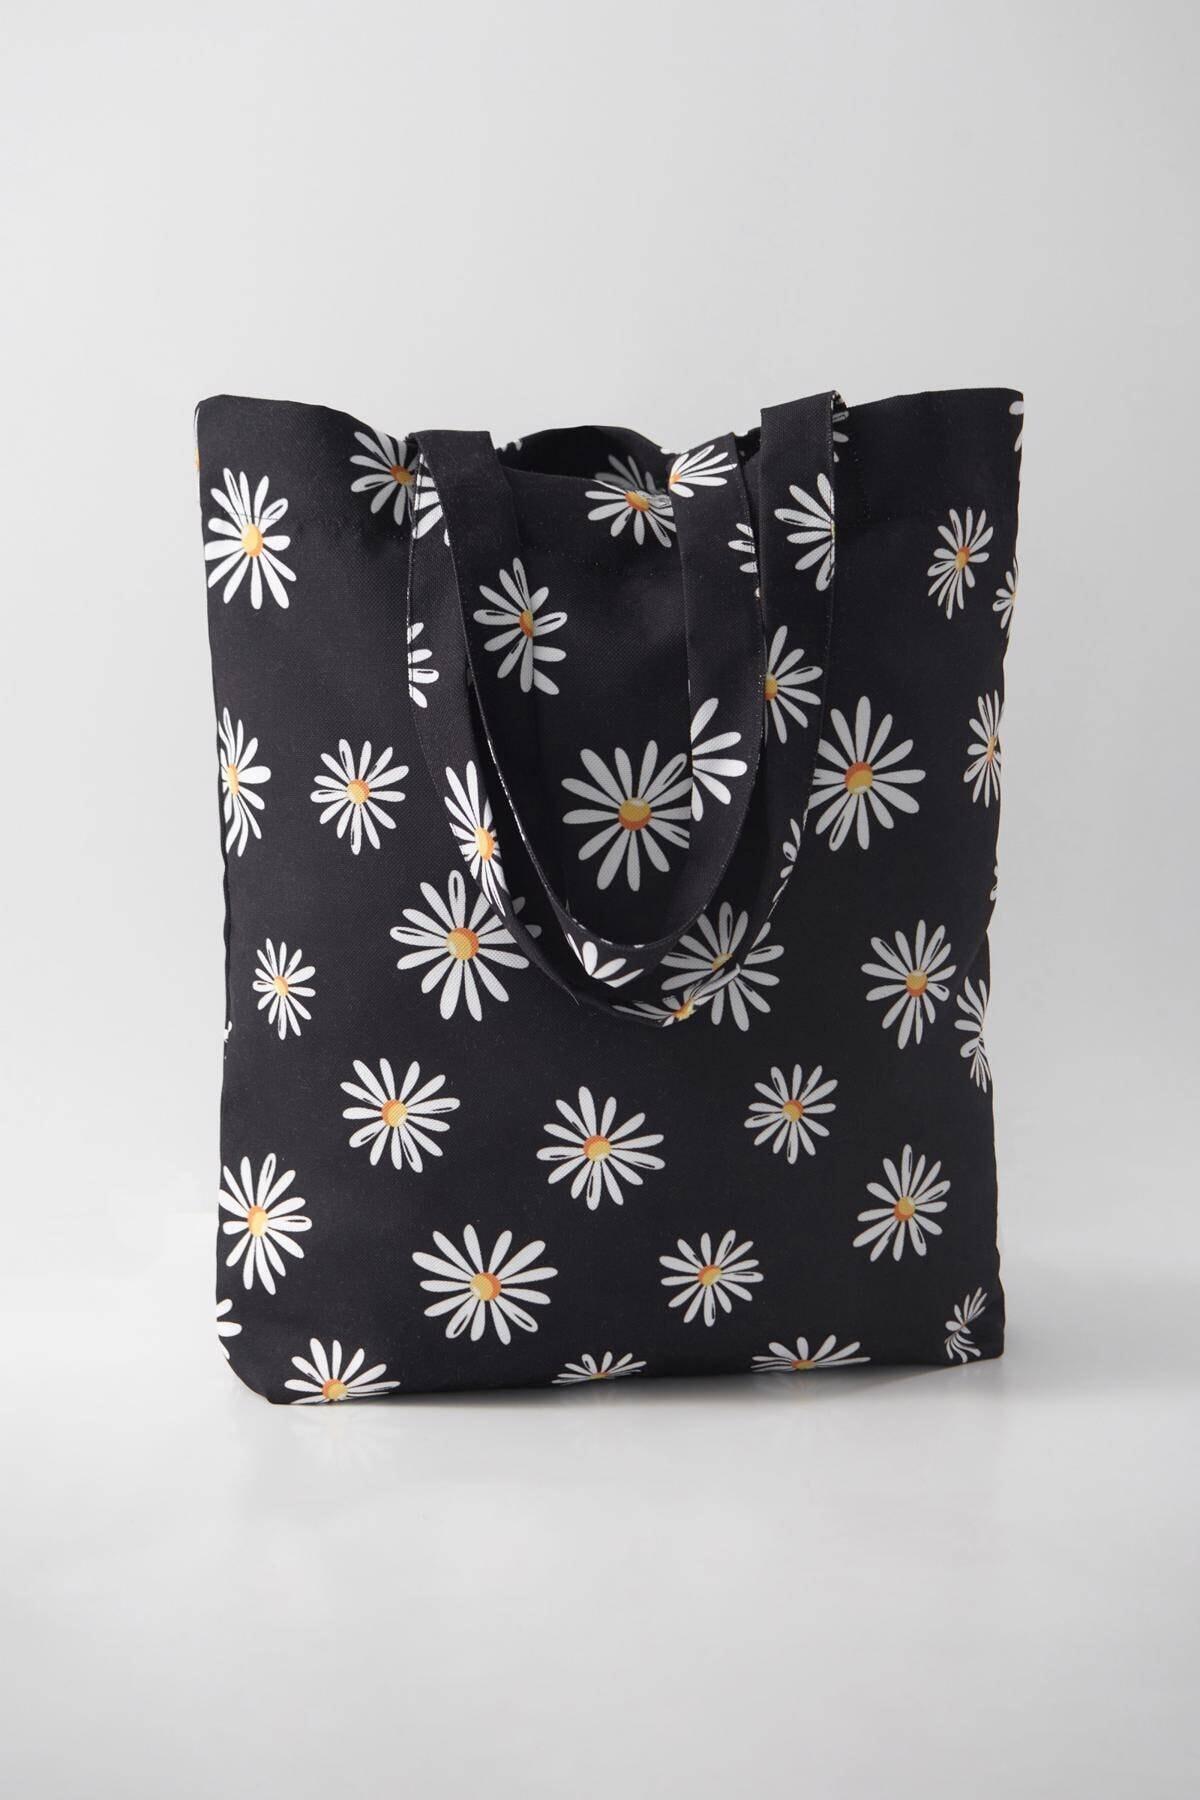 Addax Kadın Siyah Desenli Çanta Ç21 - F8 Adx-0000023816 3